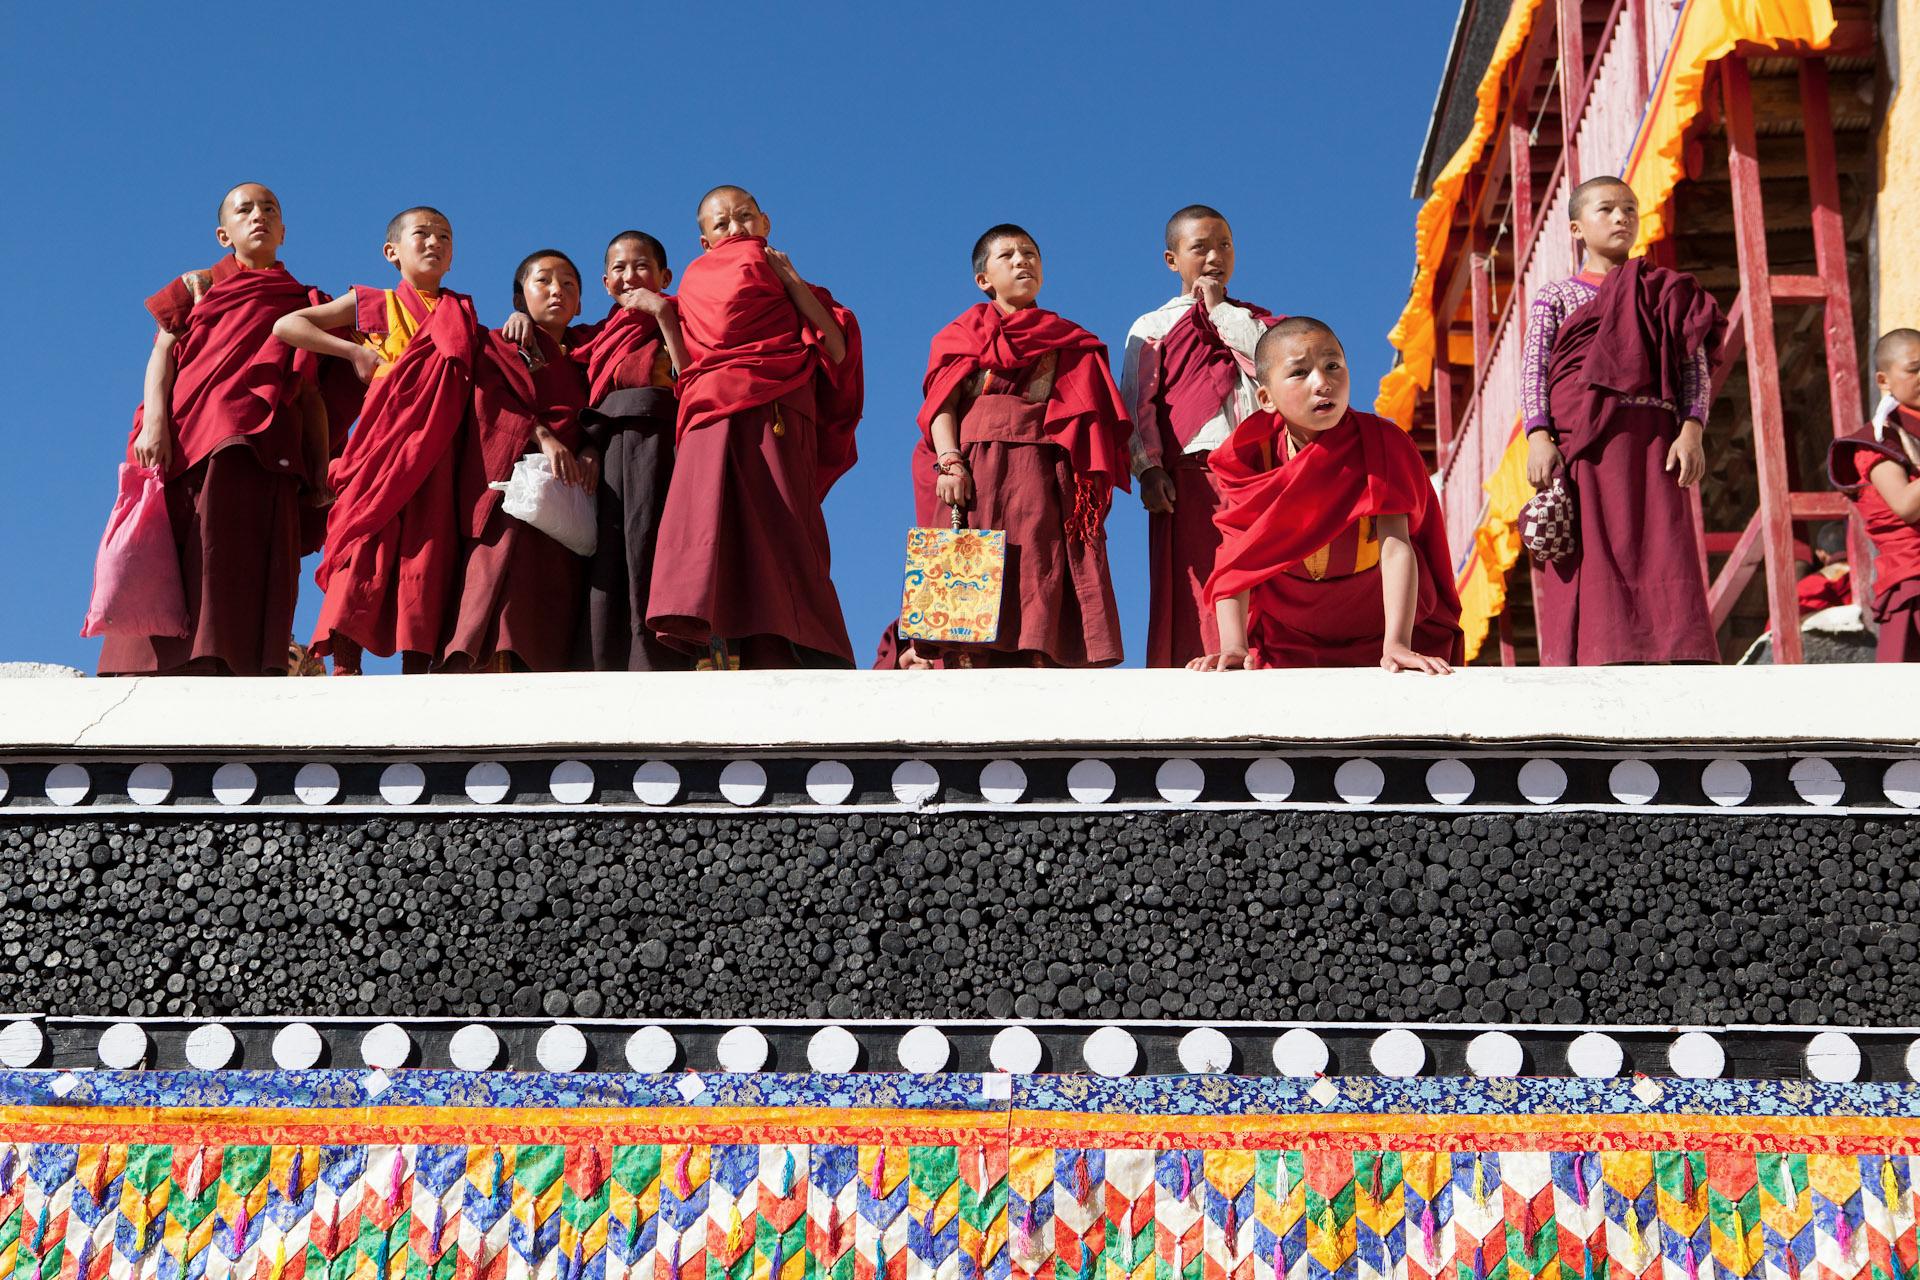 Jason_Bax_Travel_India-Ladakh-Travel-Leh-Thiksey.JPG